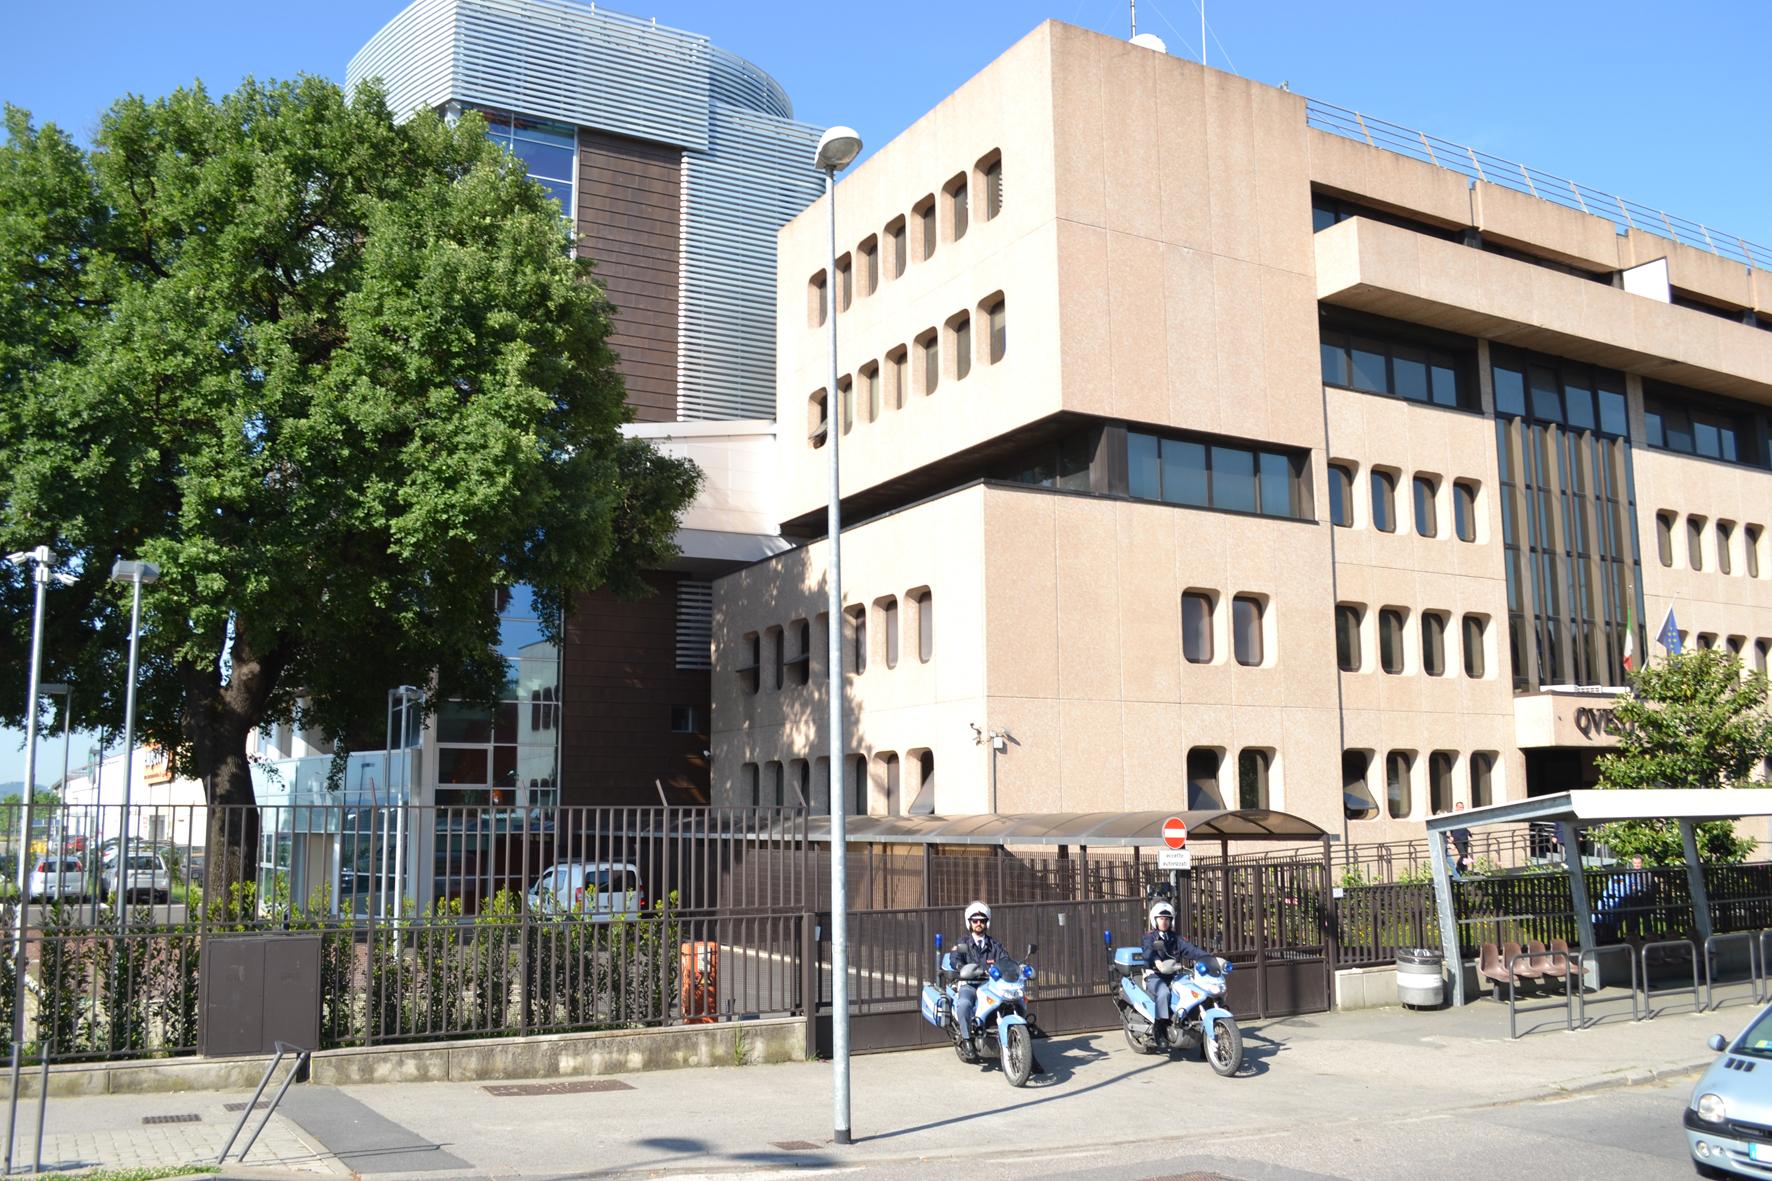 Polizia di stato questure sul web prato for Questura di ferrara ritiro permesso di soggiorno